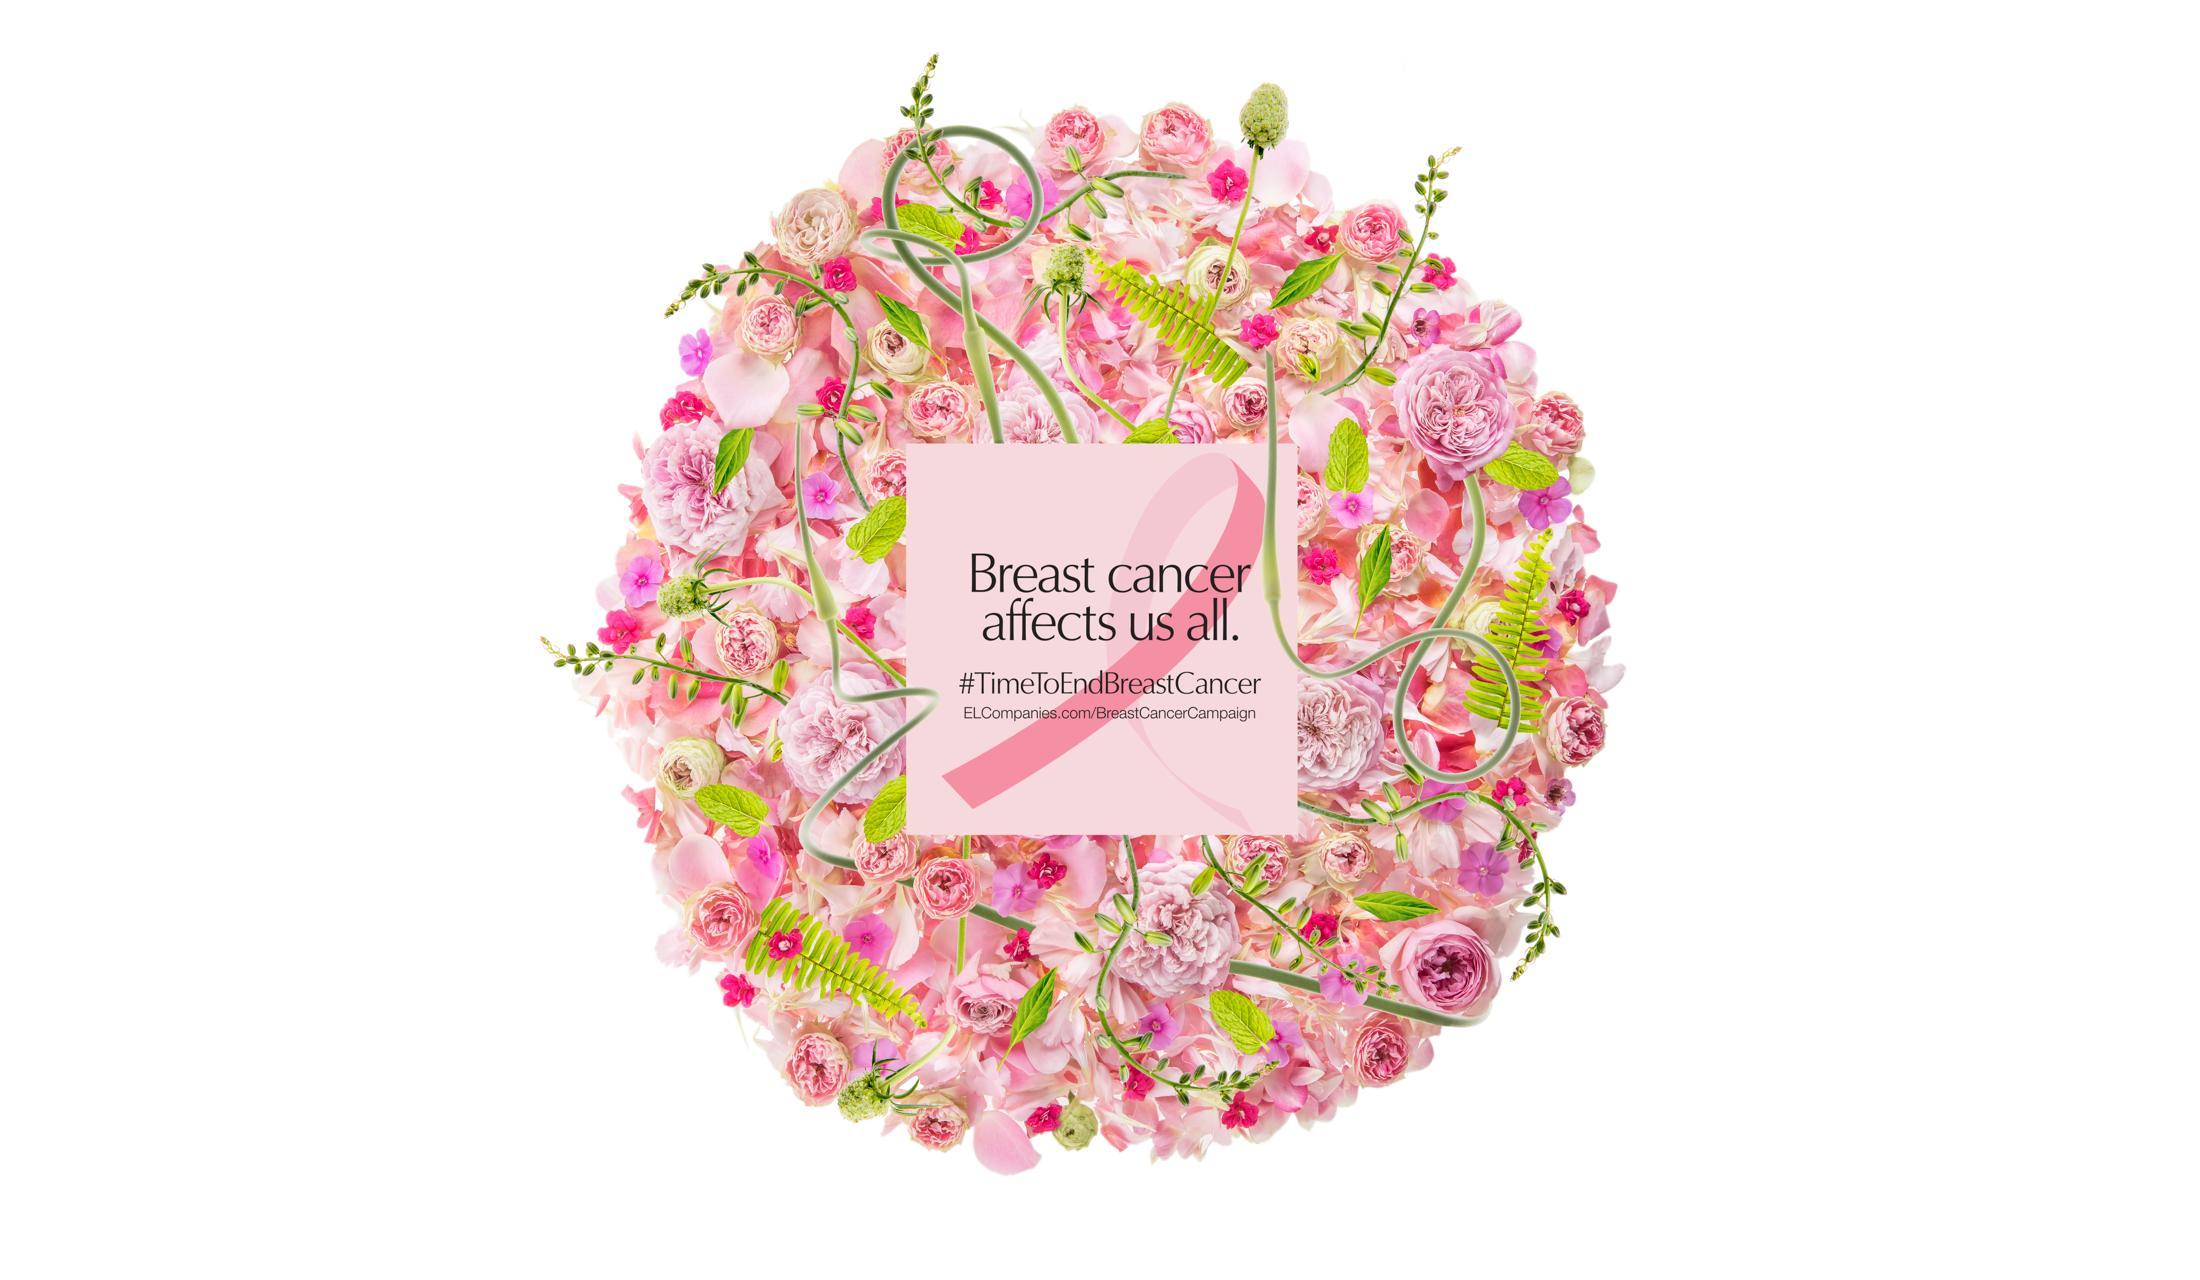 今年26年めを迎える「ピンク リボン キャンペーン」。